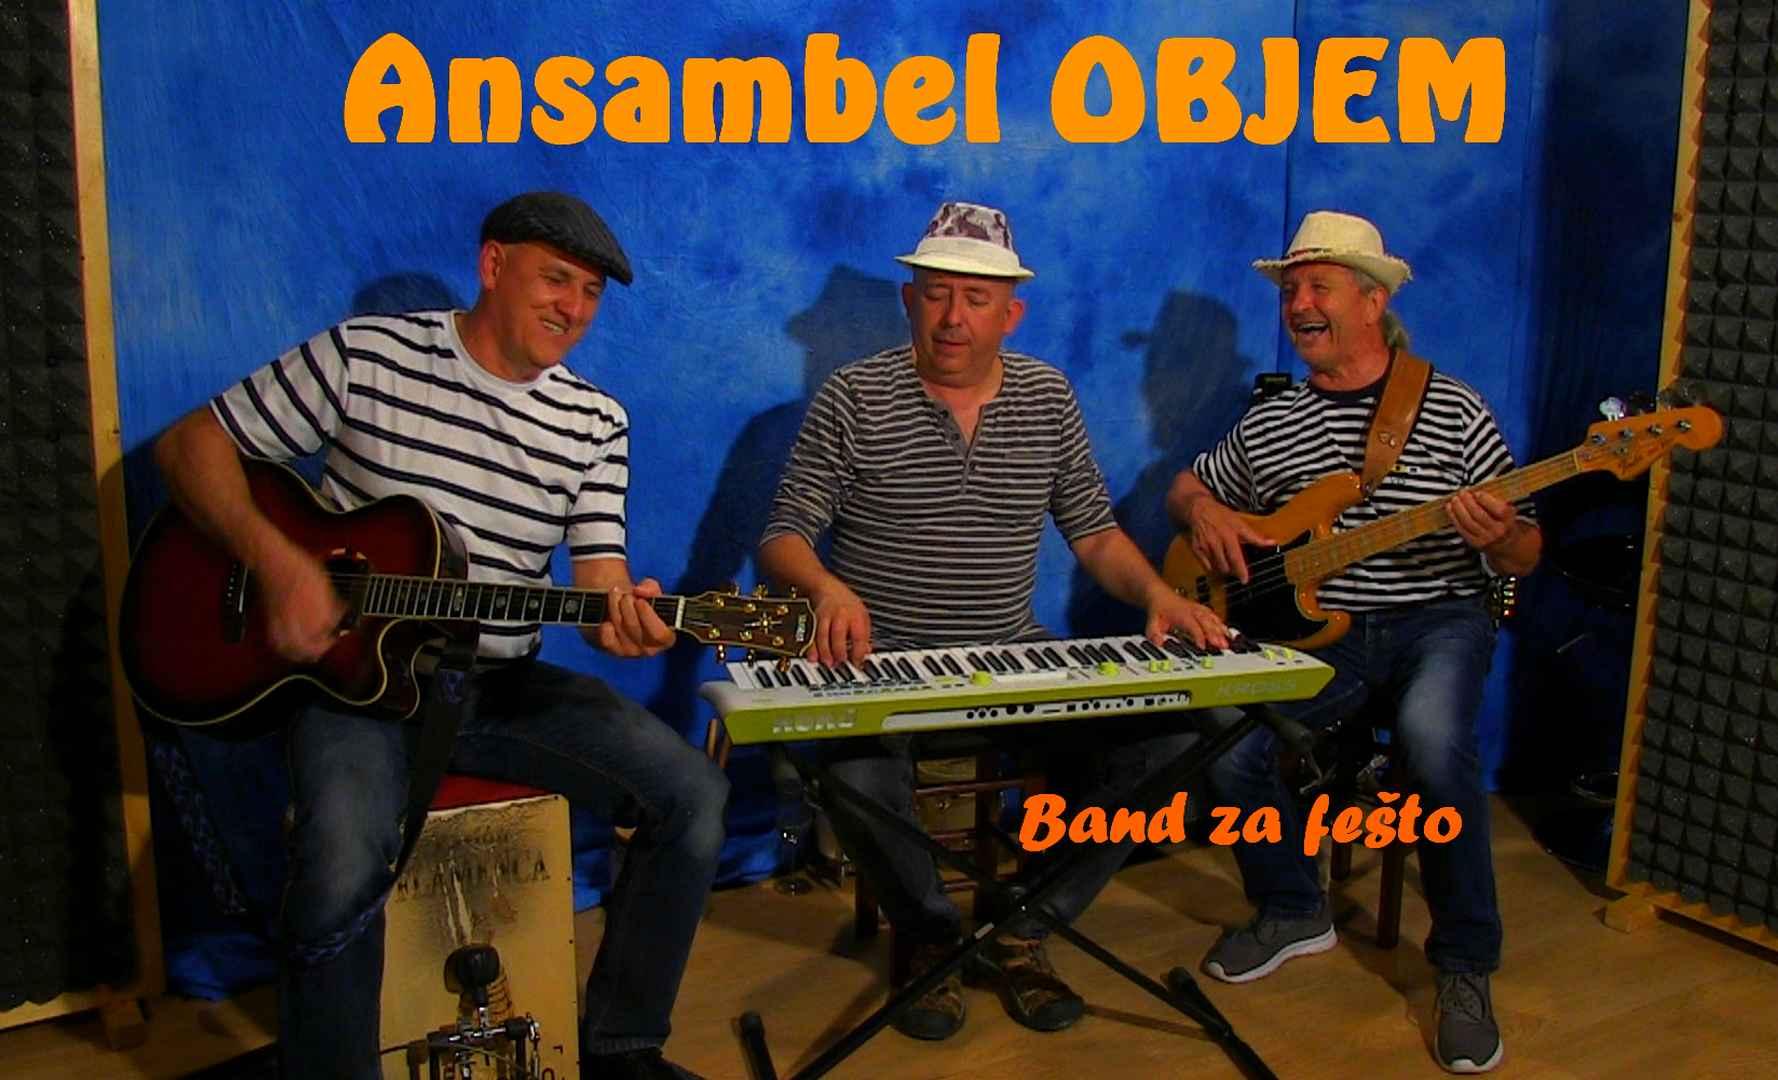 Festa band za festo glasbeniki muzikanti glasbena skupina bend ansambel Objem